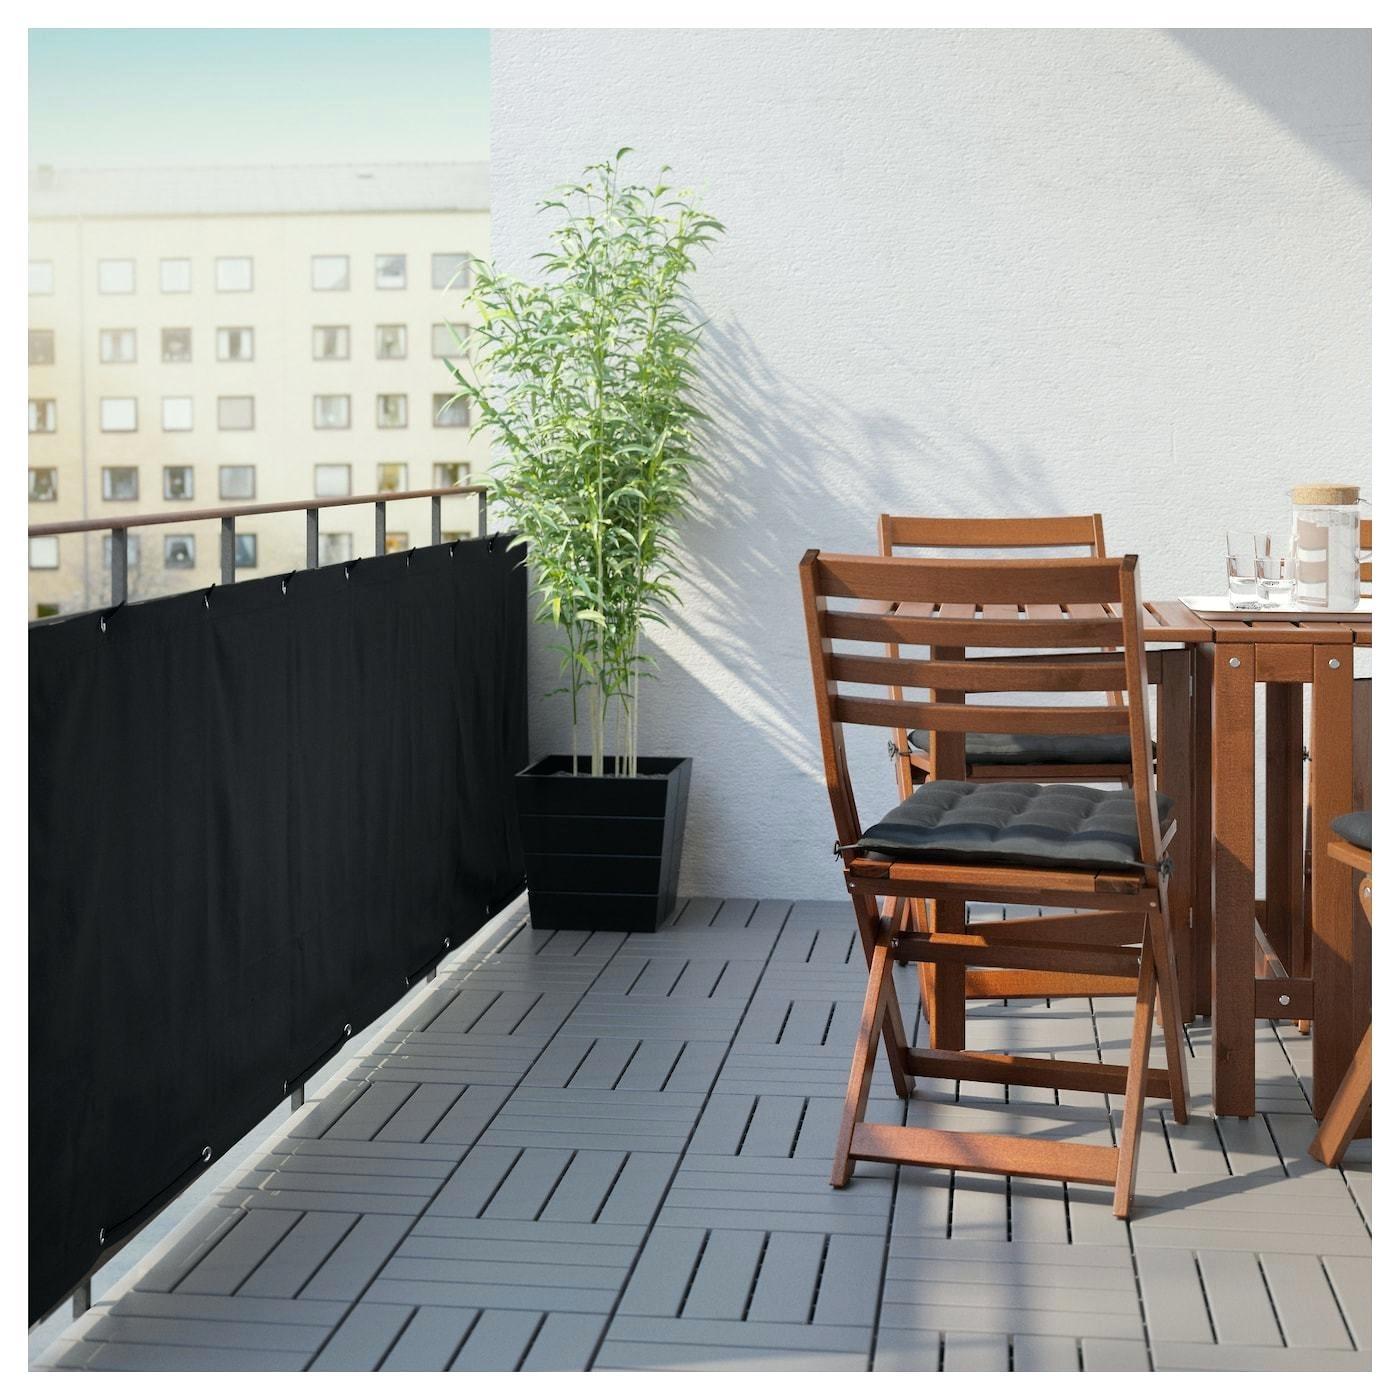 Full Size of Balkon Sichtschutz Bambus Ikea Miniküche Küche Kosten Kaufen Modulküche Bett Für Garten Betten 160x200 Sichtschutzfolien Fenster Sichtschutzfolie Wpc Wohnzimmer Balkon Sichtschutz Bambus Ikea